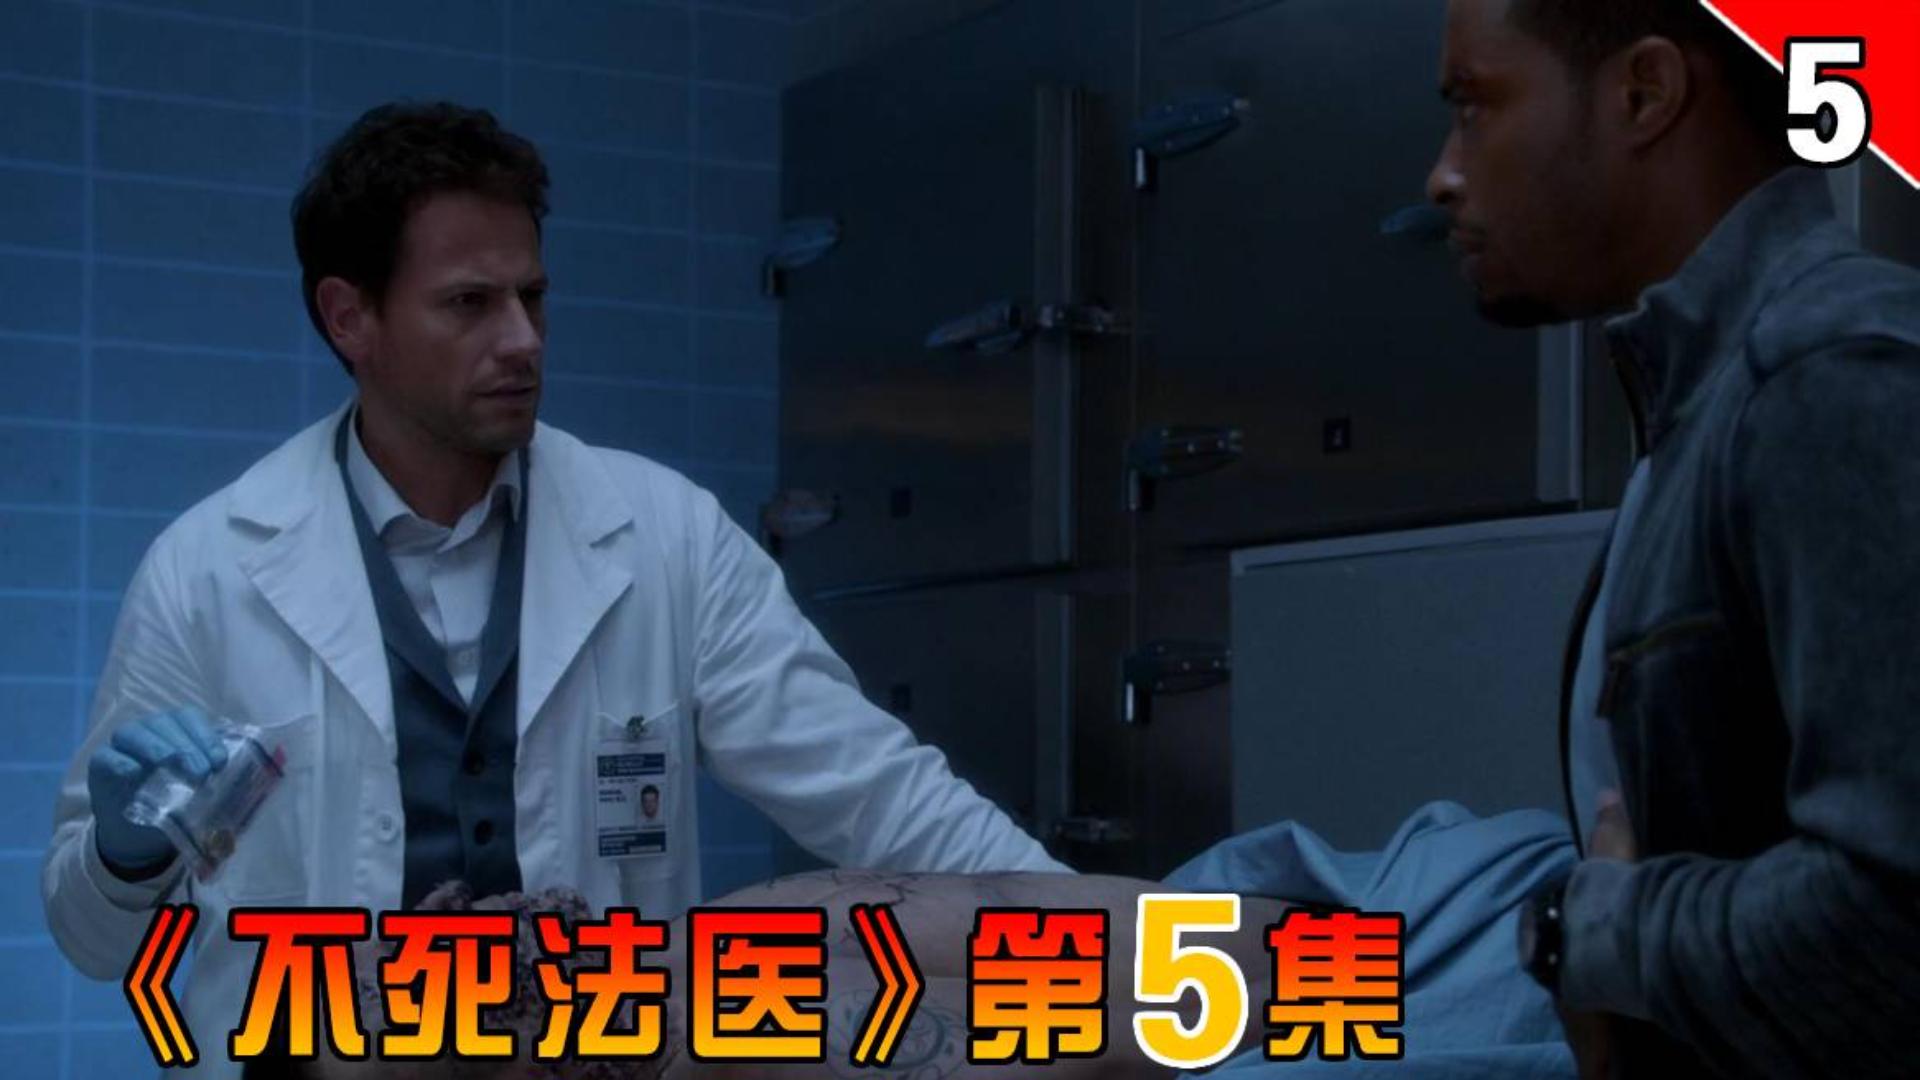 【长工】善良小伙死在闲置房屋内,惨遭老鼠啃咬尸体 《不死法医》第5集